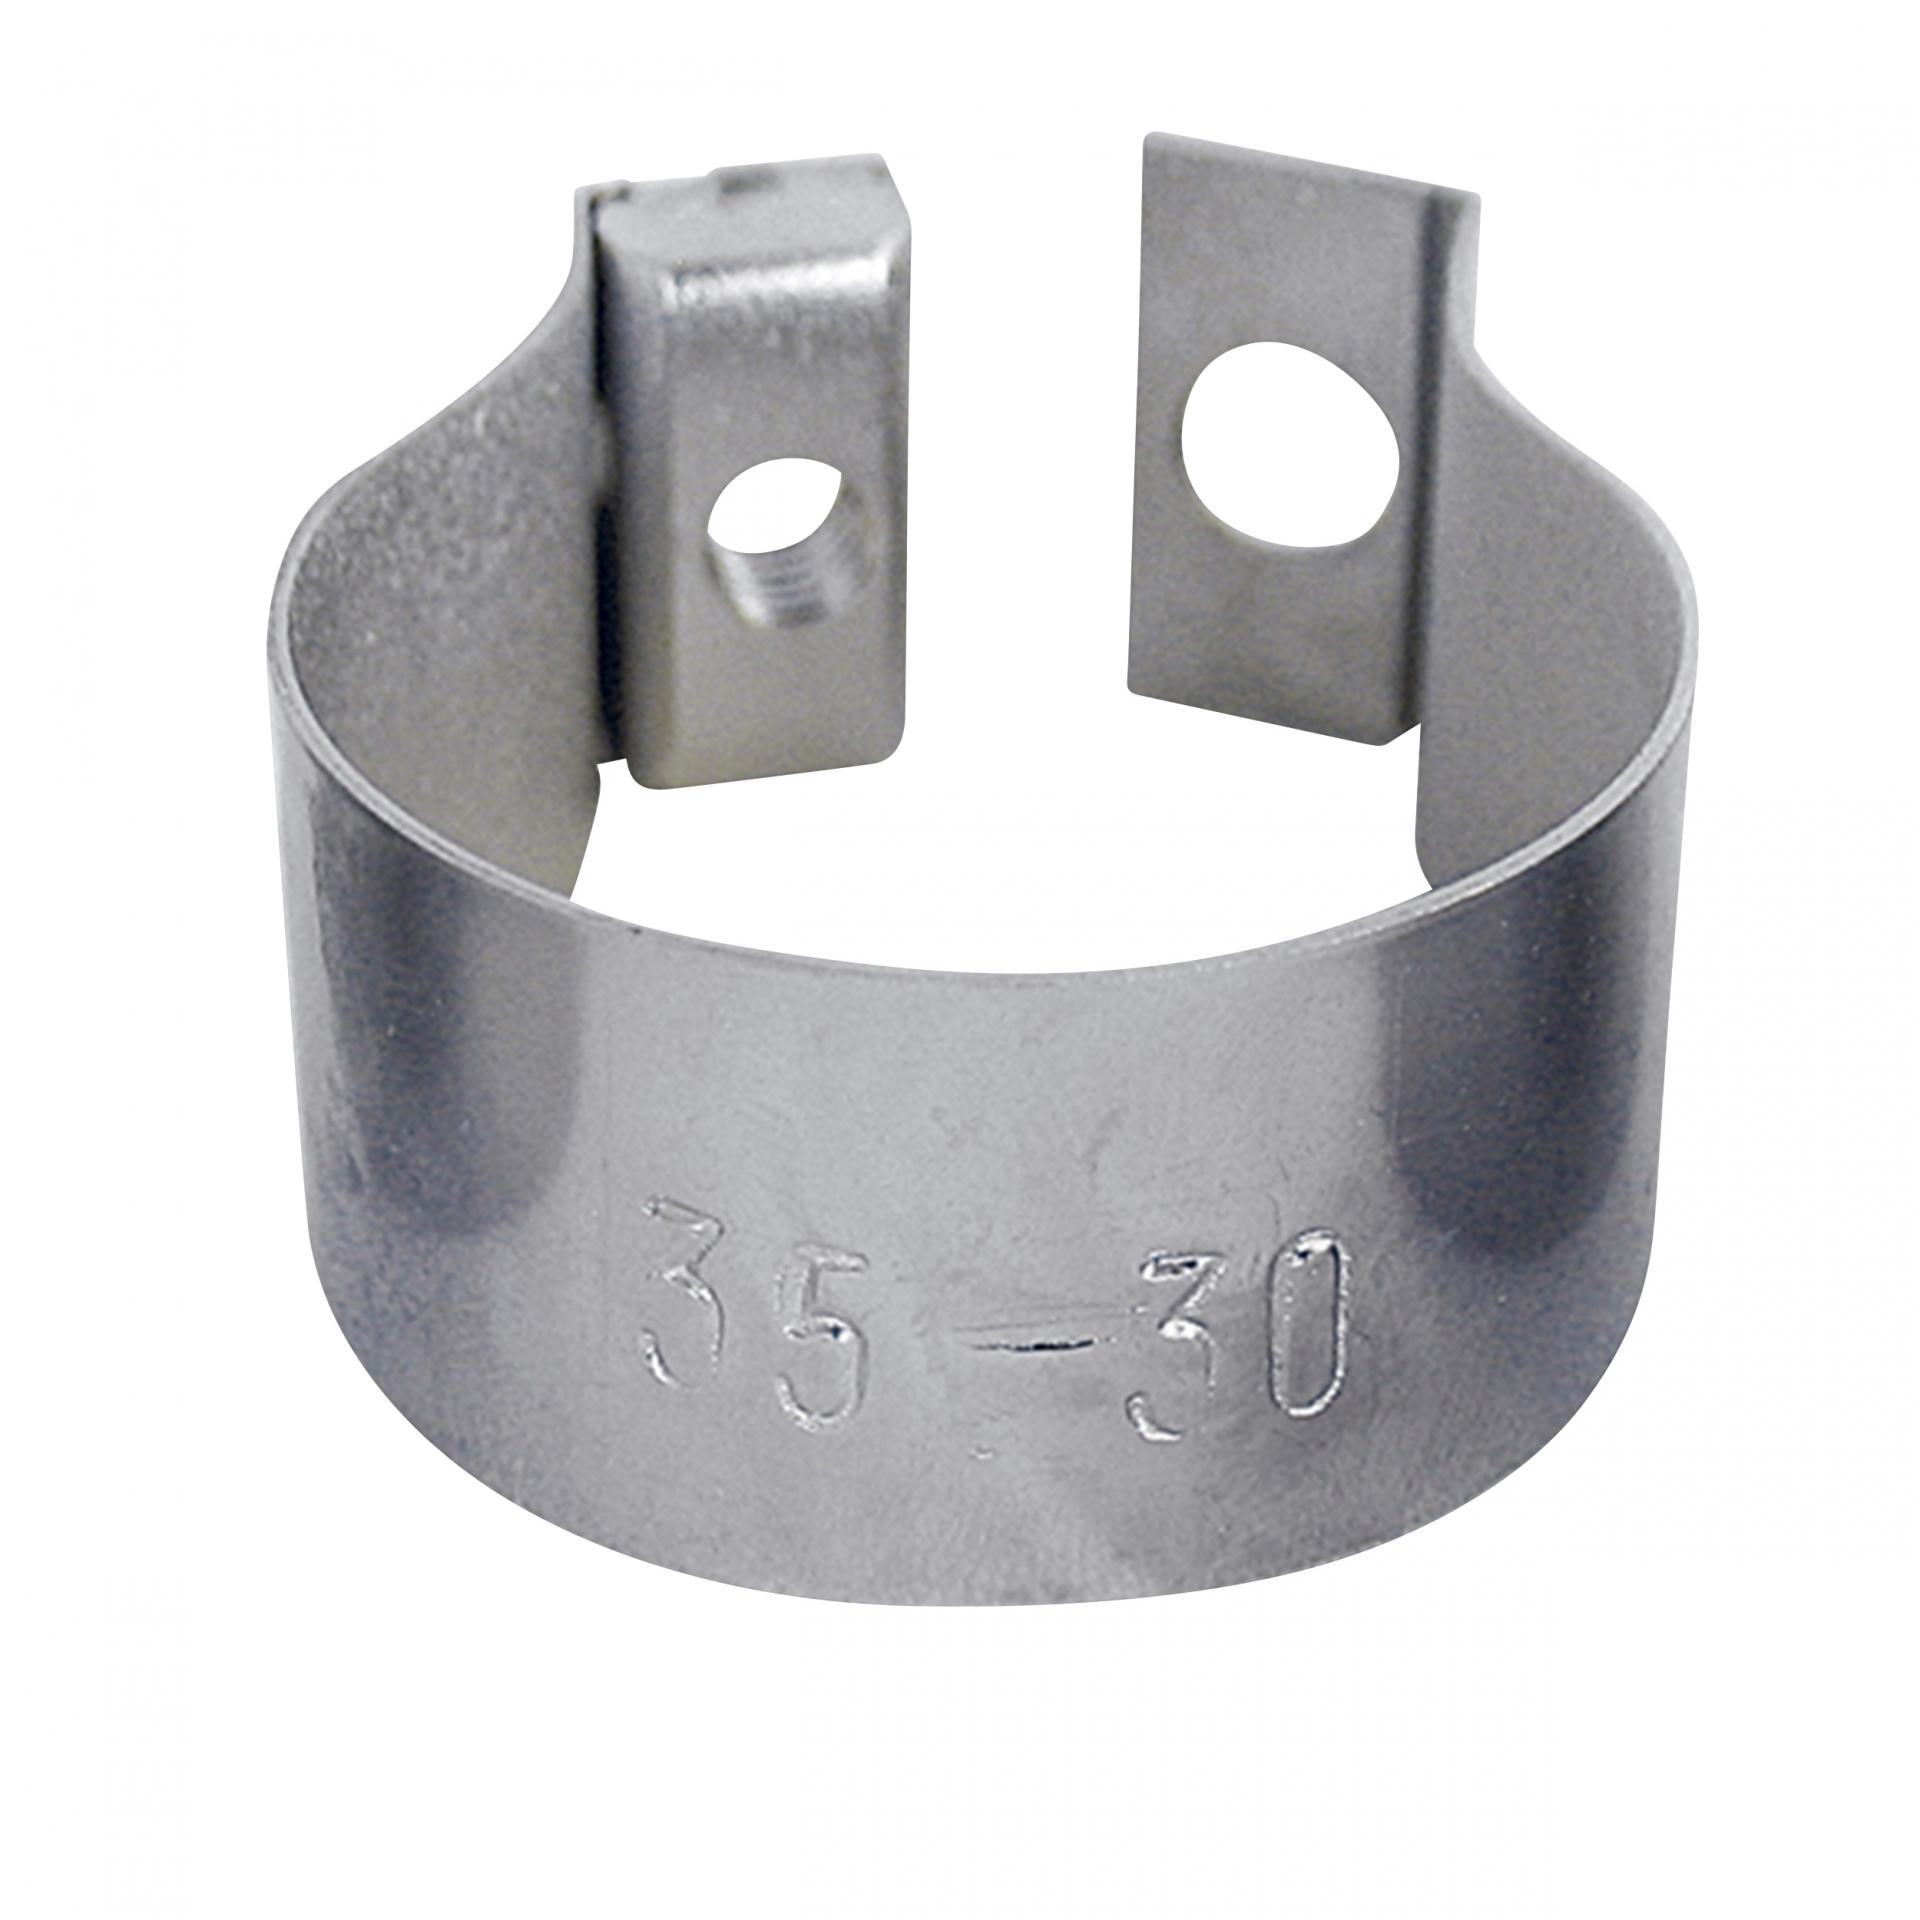 Collier-bague pour fixation de panier BASIL BasEasy II 31-35 mm